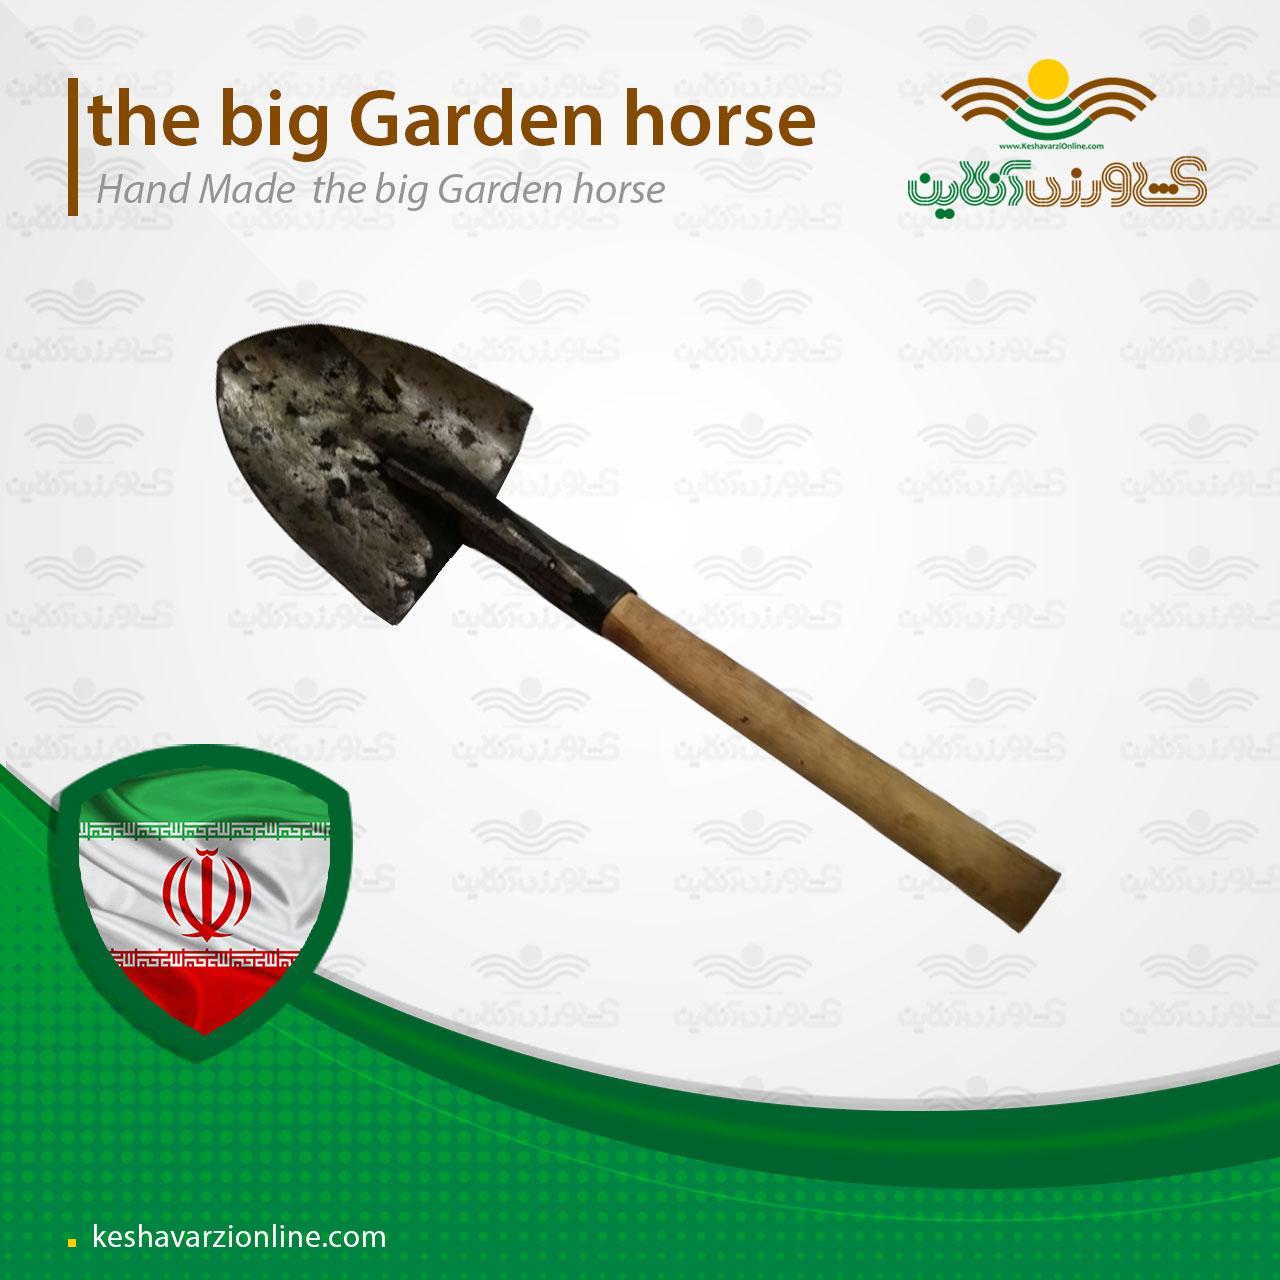 بیلچه باغبانی دست ساز بزرگ